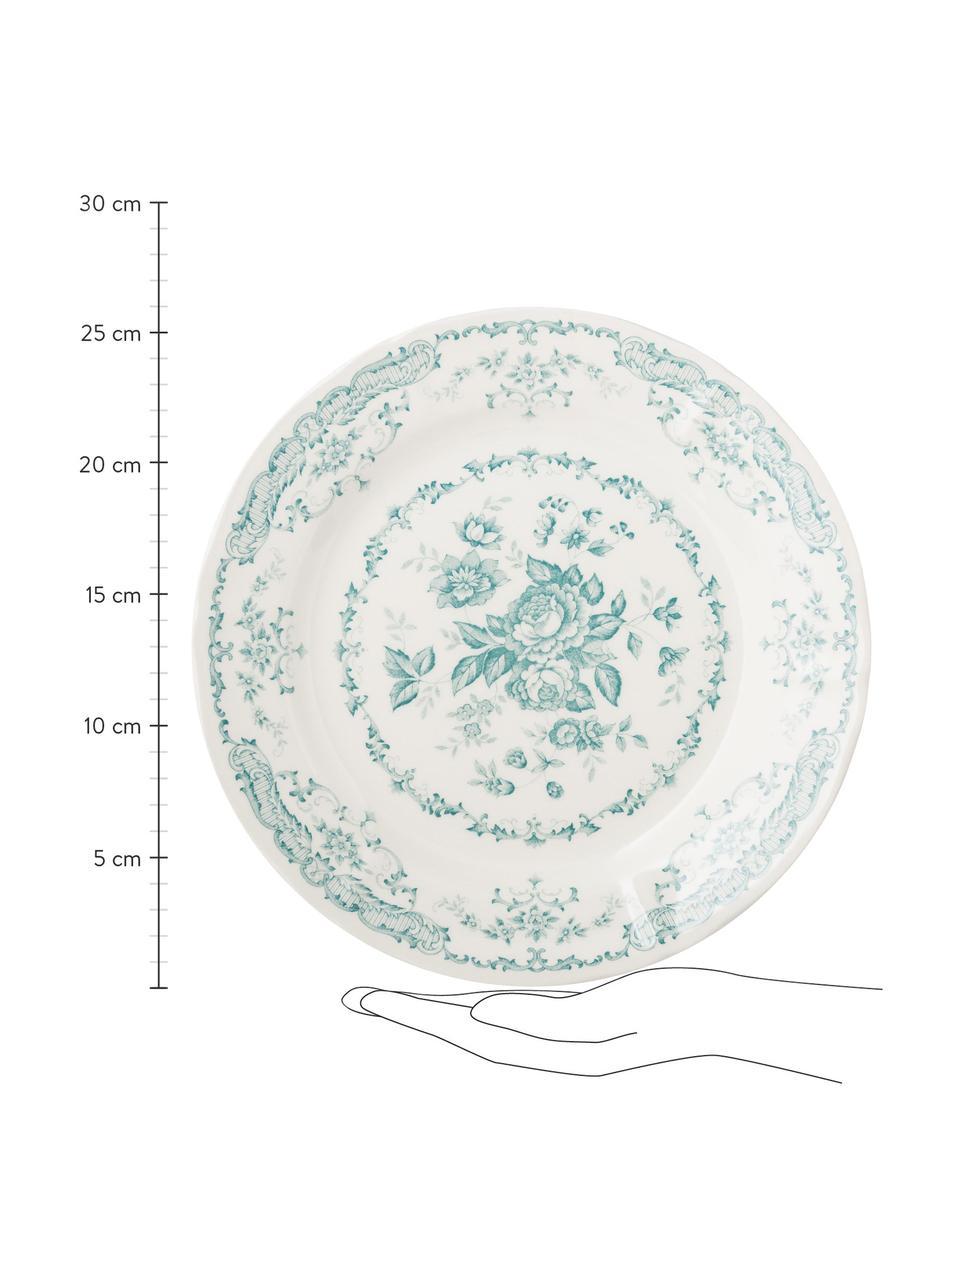 Geschirr-Set Rose mit Blumendesign in Türkis, 6 Personen (18-tlg.), Keramik, Weiß, Türkis, Sondergrößen